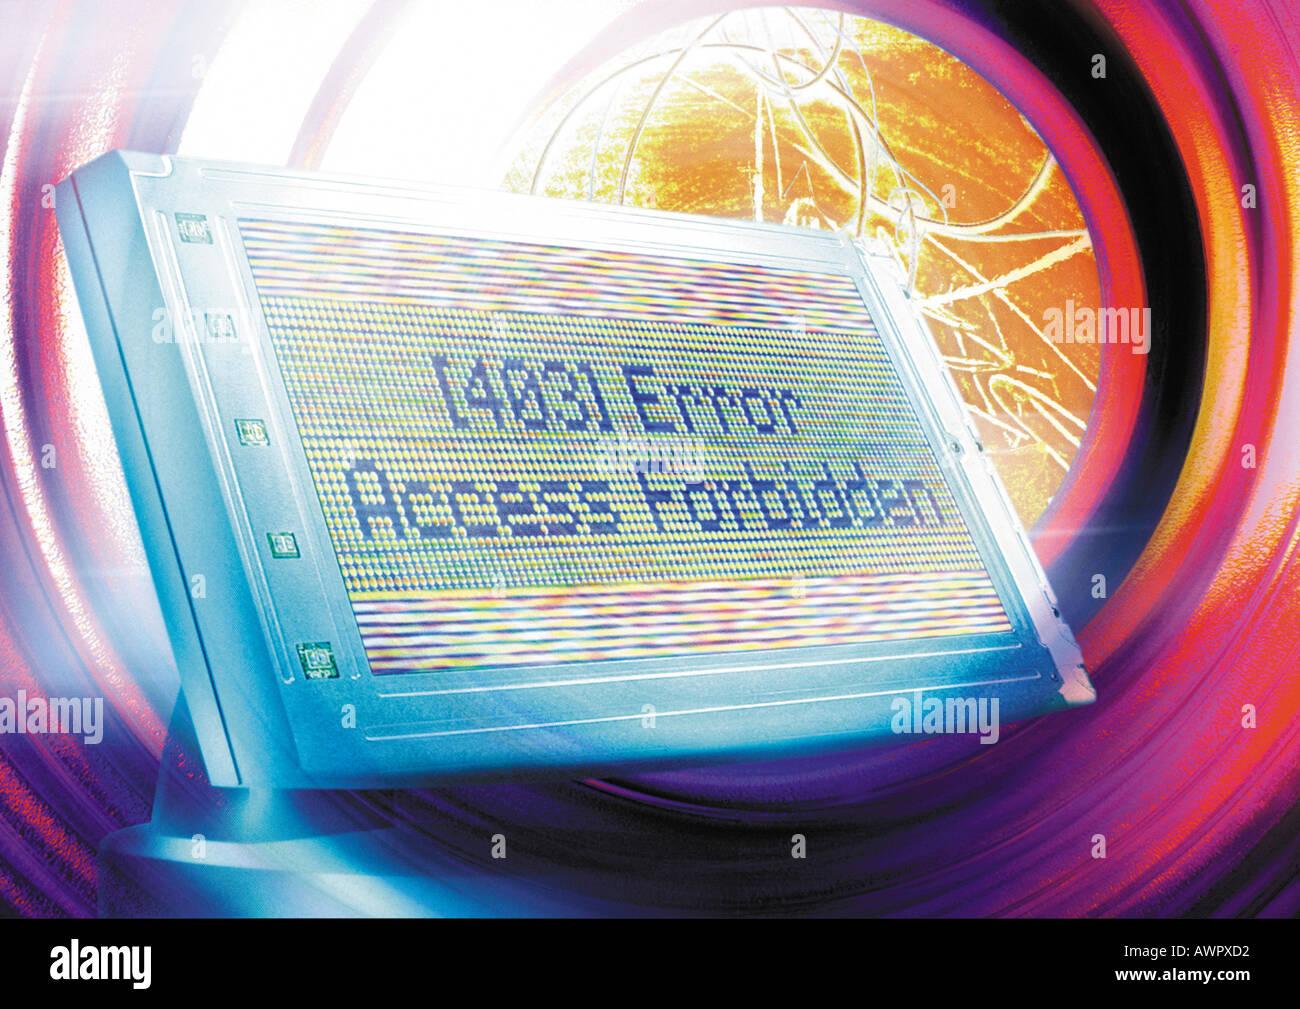 """Computer-Monitor im Cyberspace, """"Fehler"""" Meldung auf dem Bildschirm, digital Composite schweben. Stockbild"""